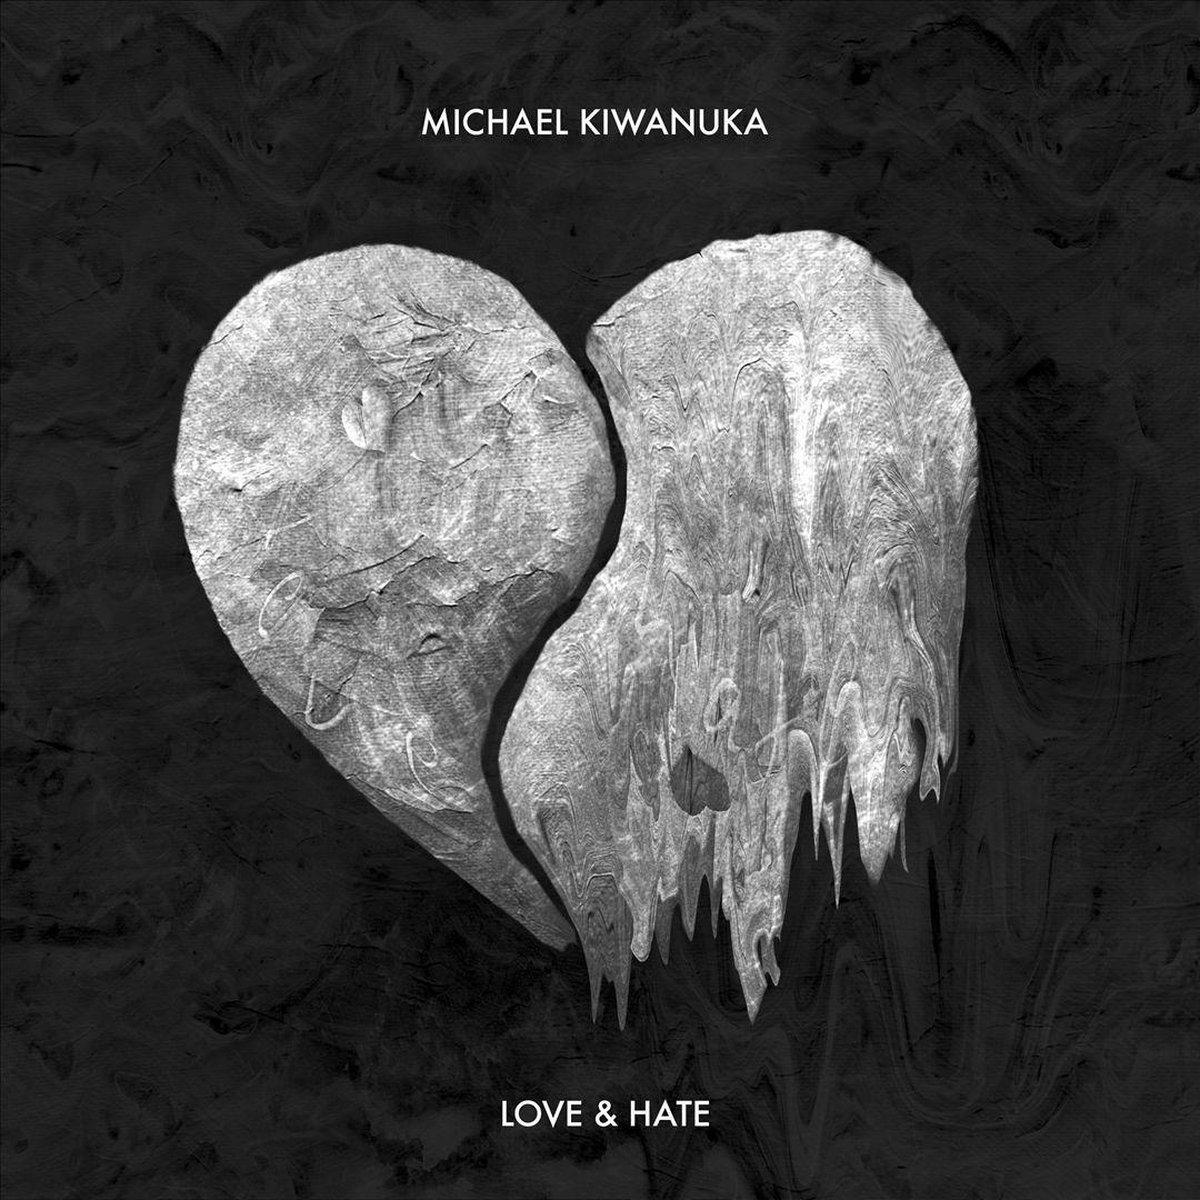 bol.com   Love & Hate, Michael Kiwanuka   CD (album)   Muziek